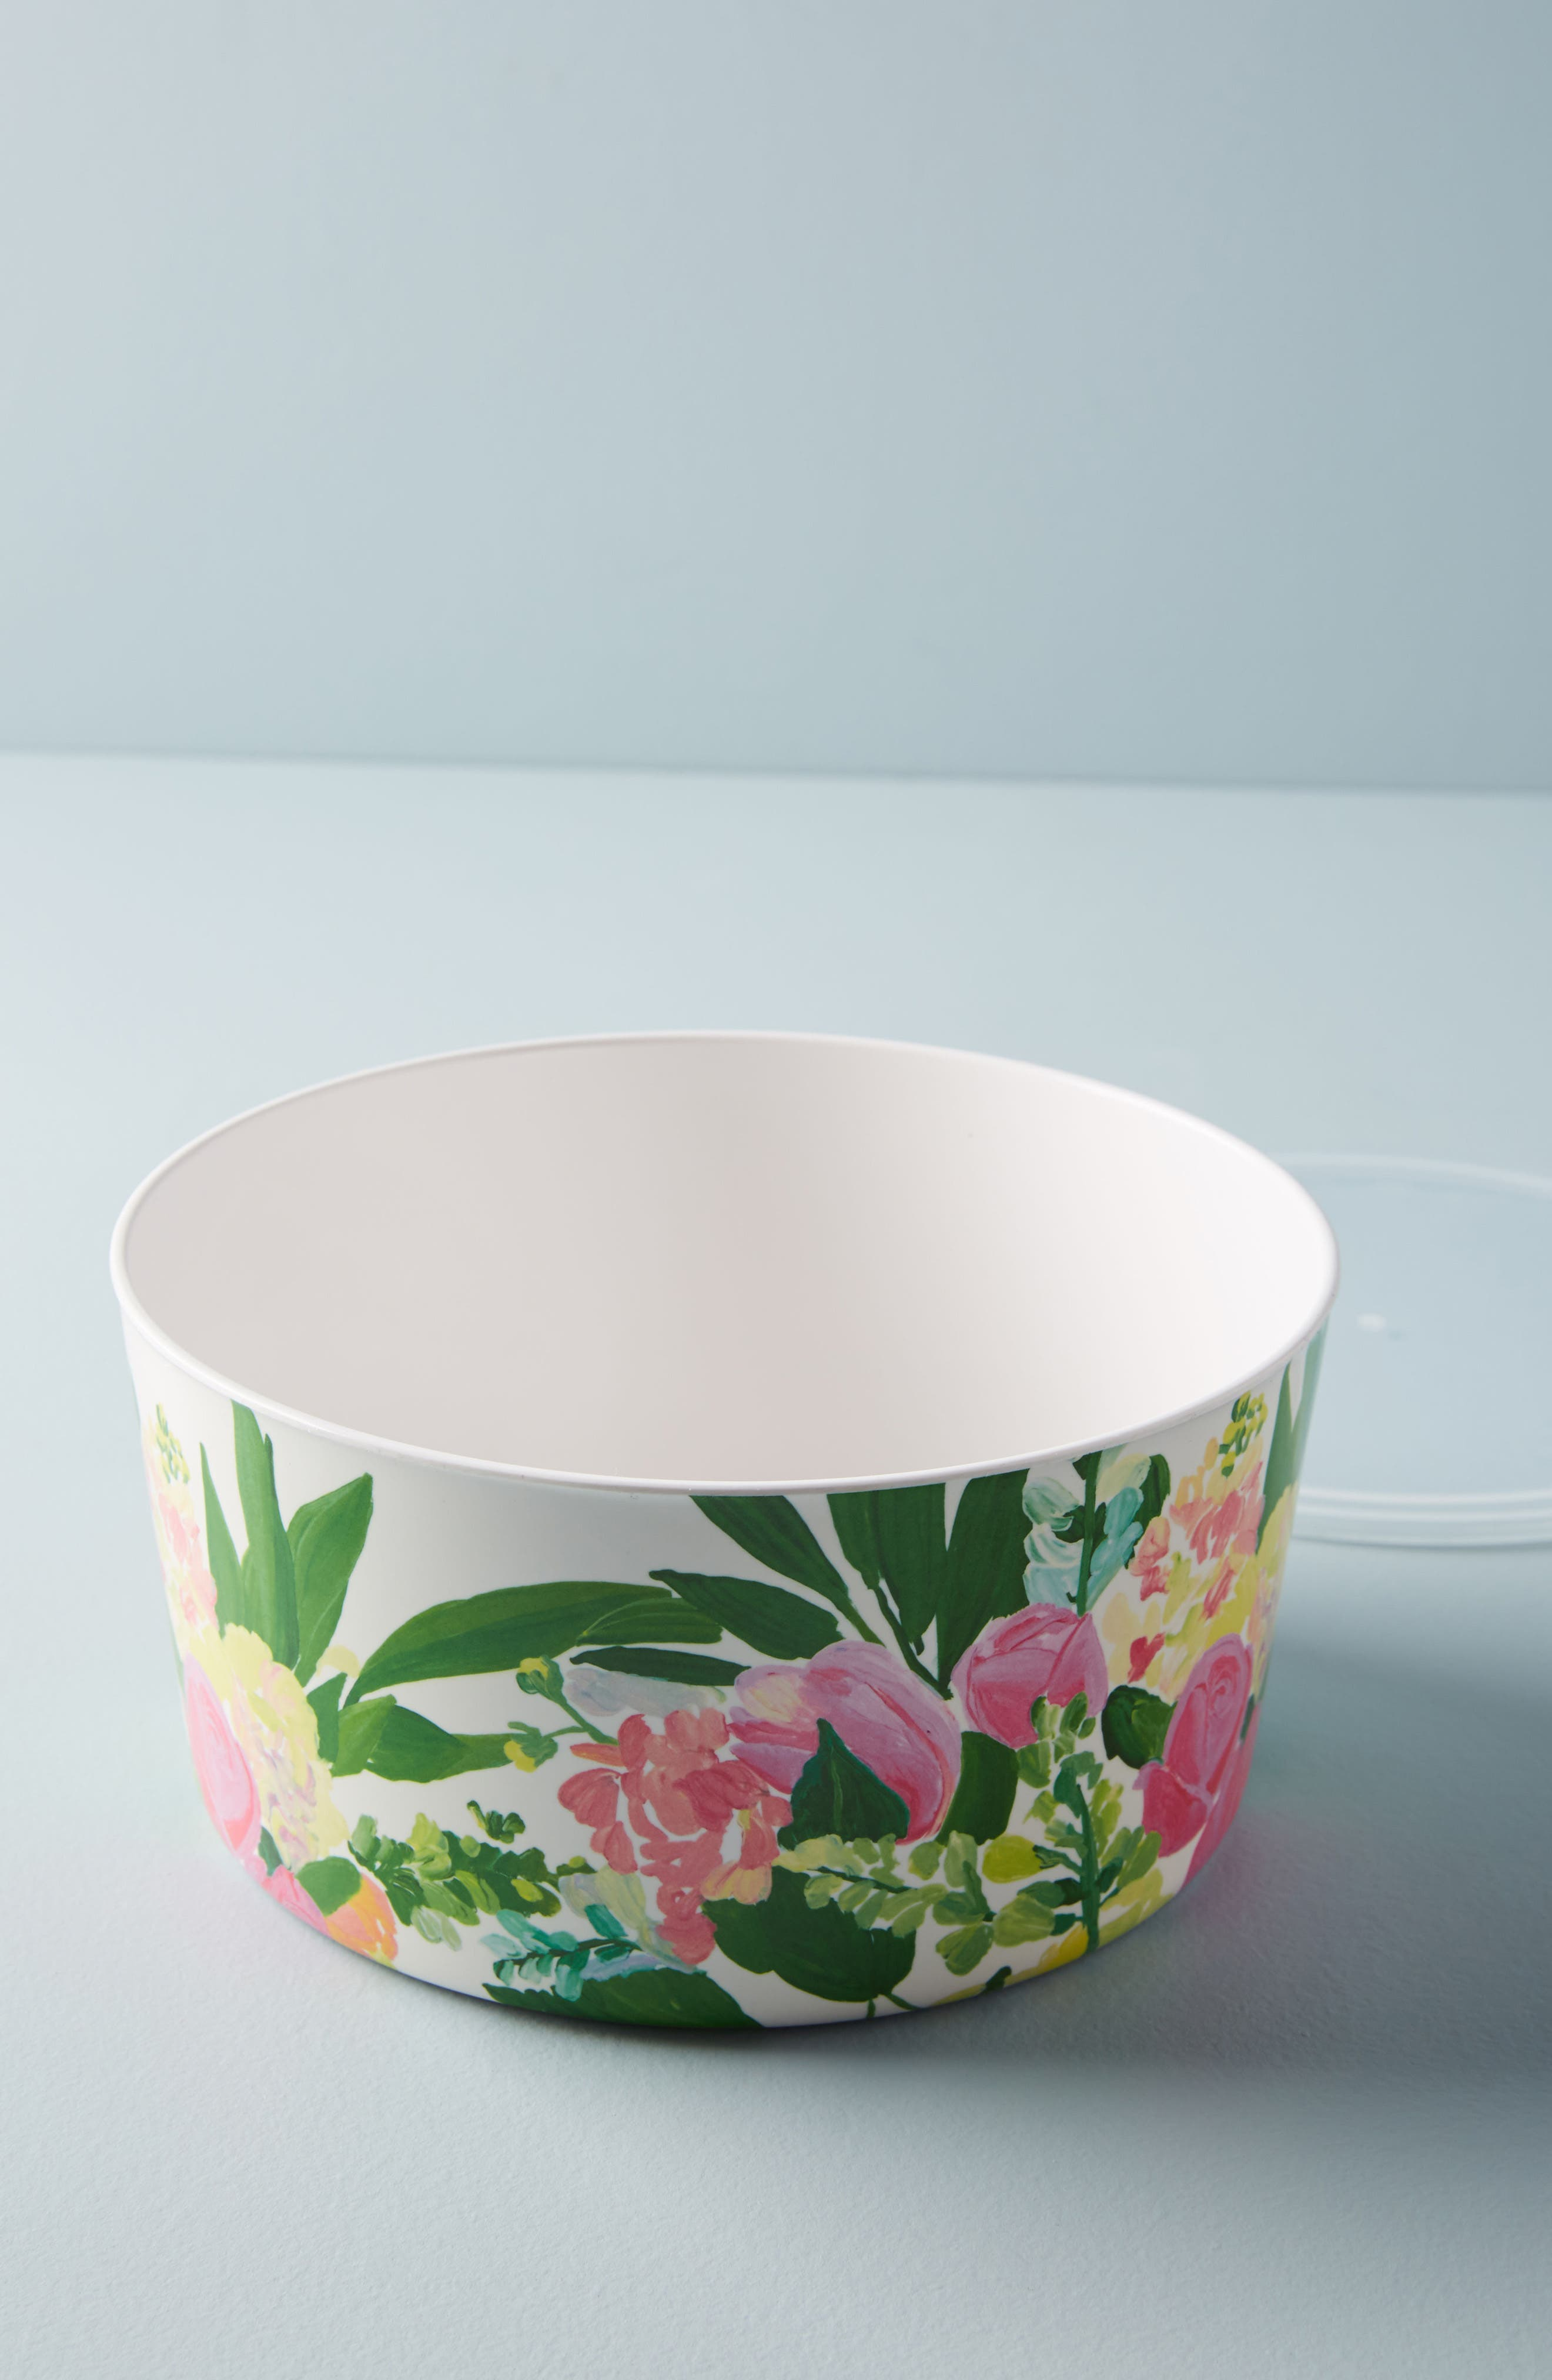 Paint + Petals Melamine Storage Bowl,                             Main thumbnail 1, color,                             WHITE MULTI